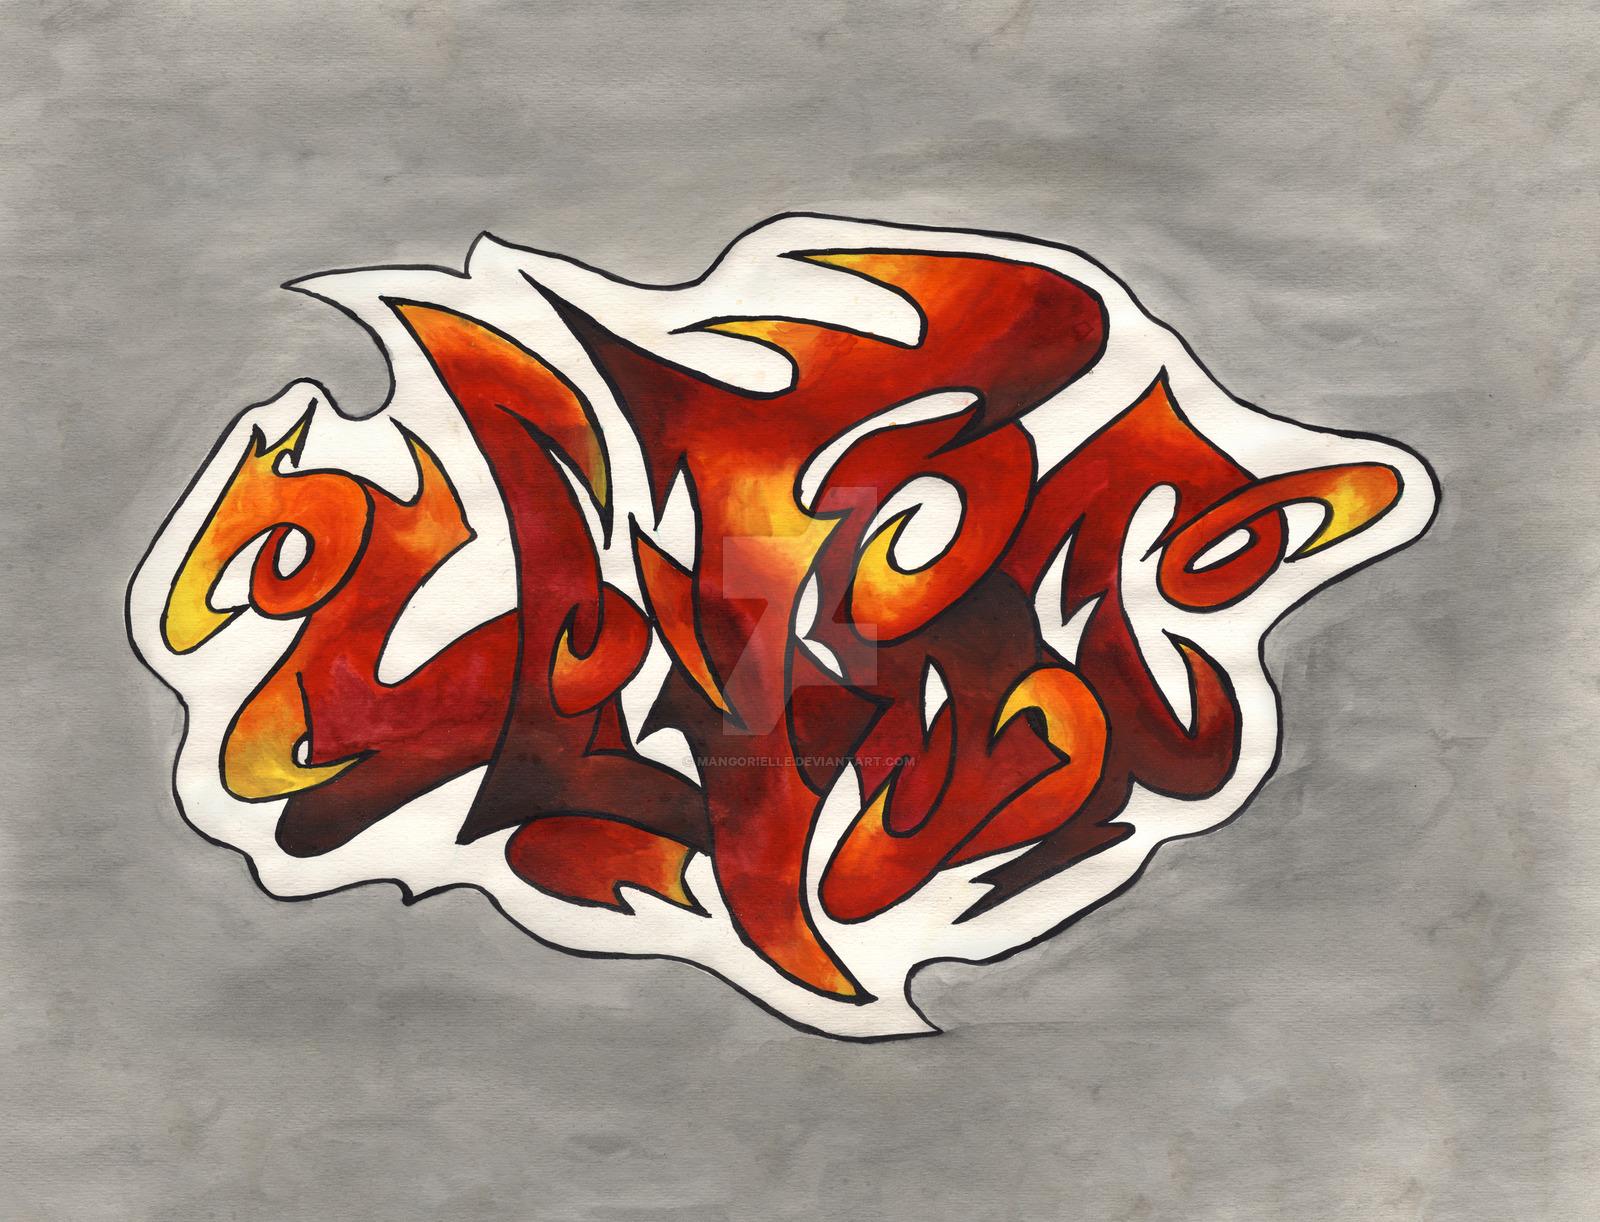 Drawn graffiti Drawn Graffiti Watercolors Hand Watercolors